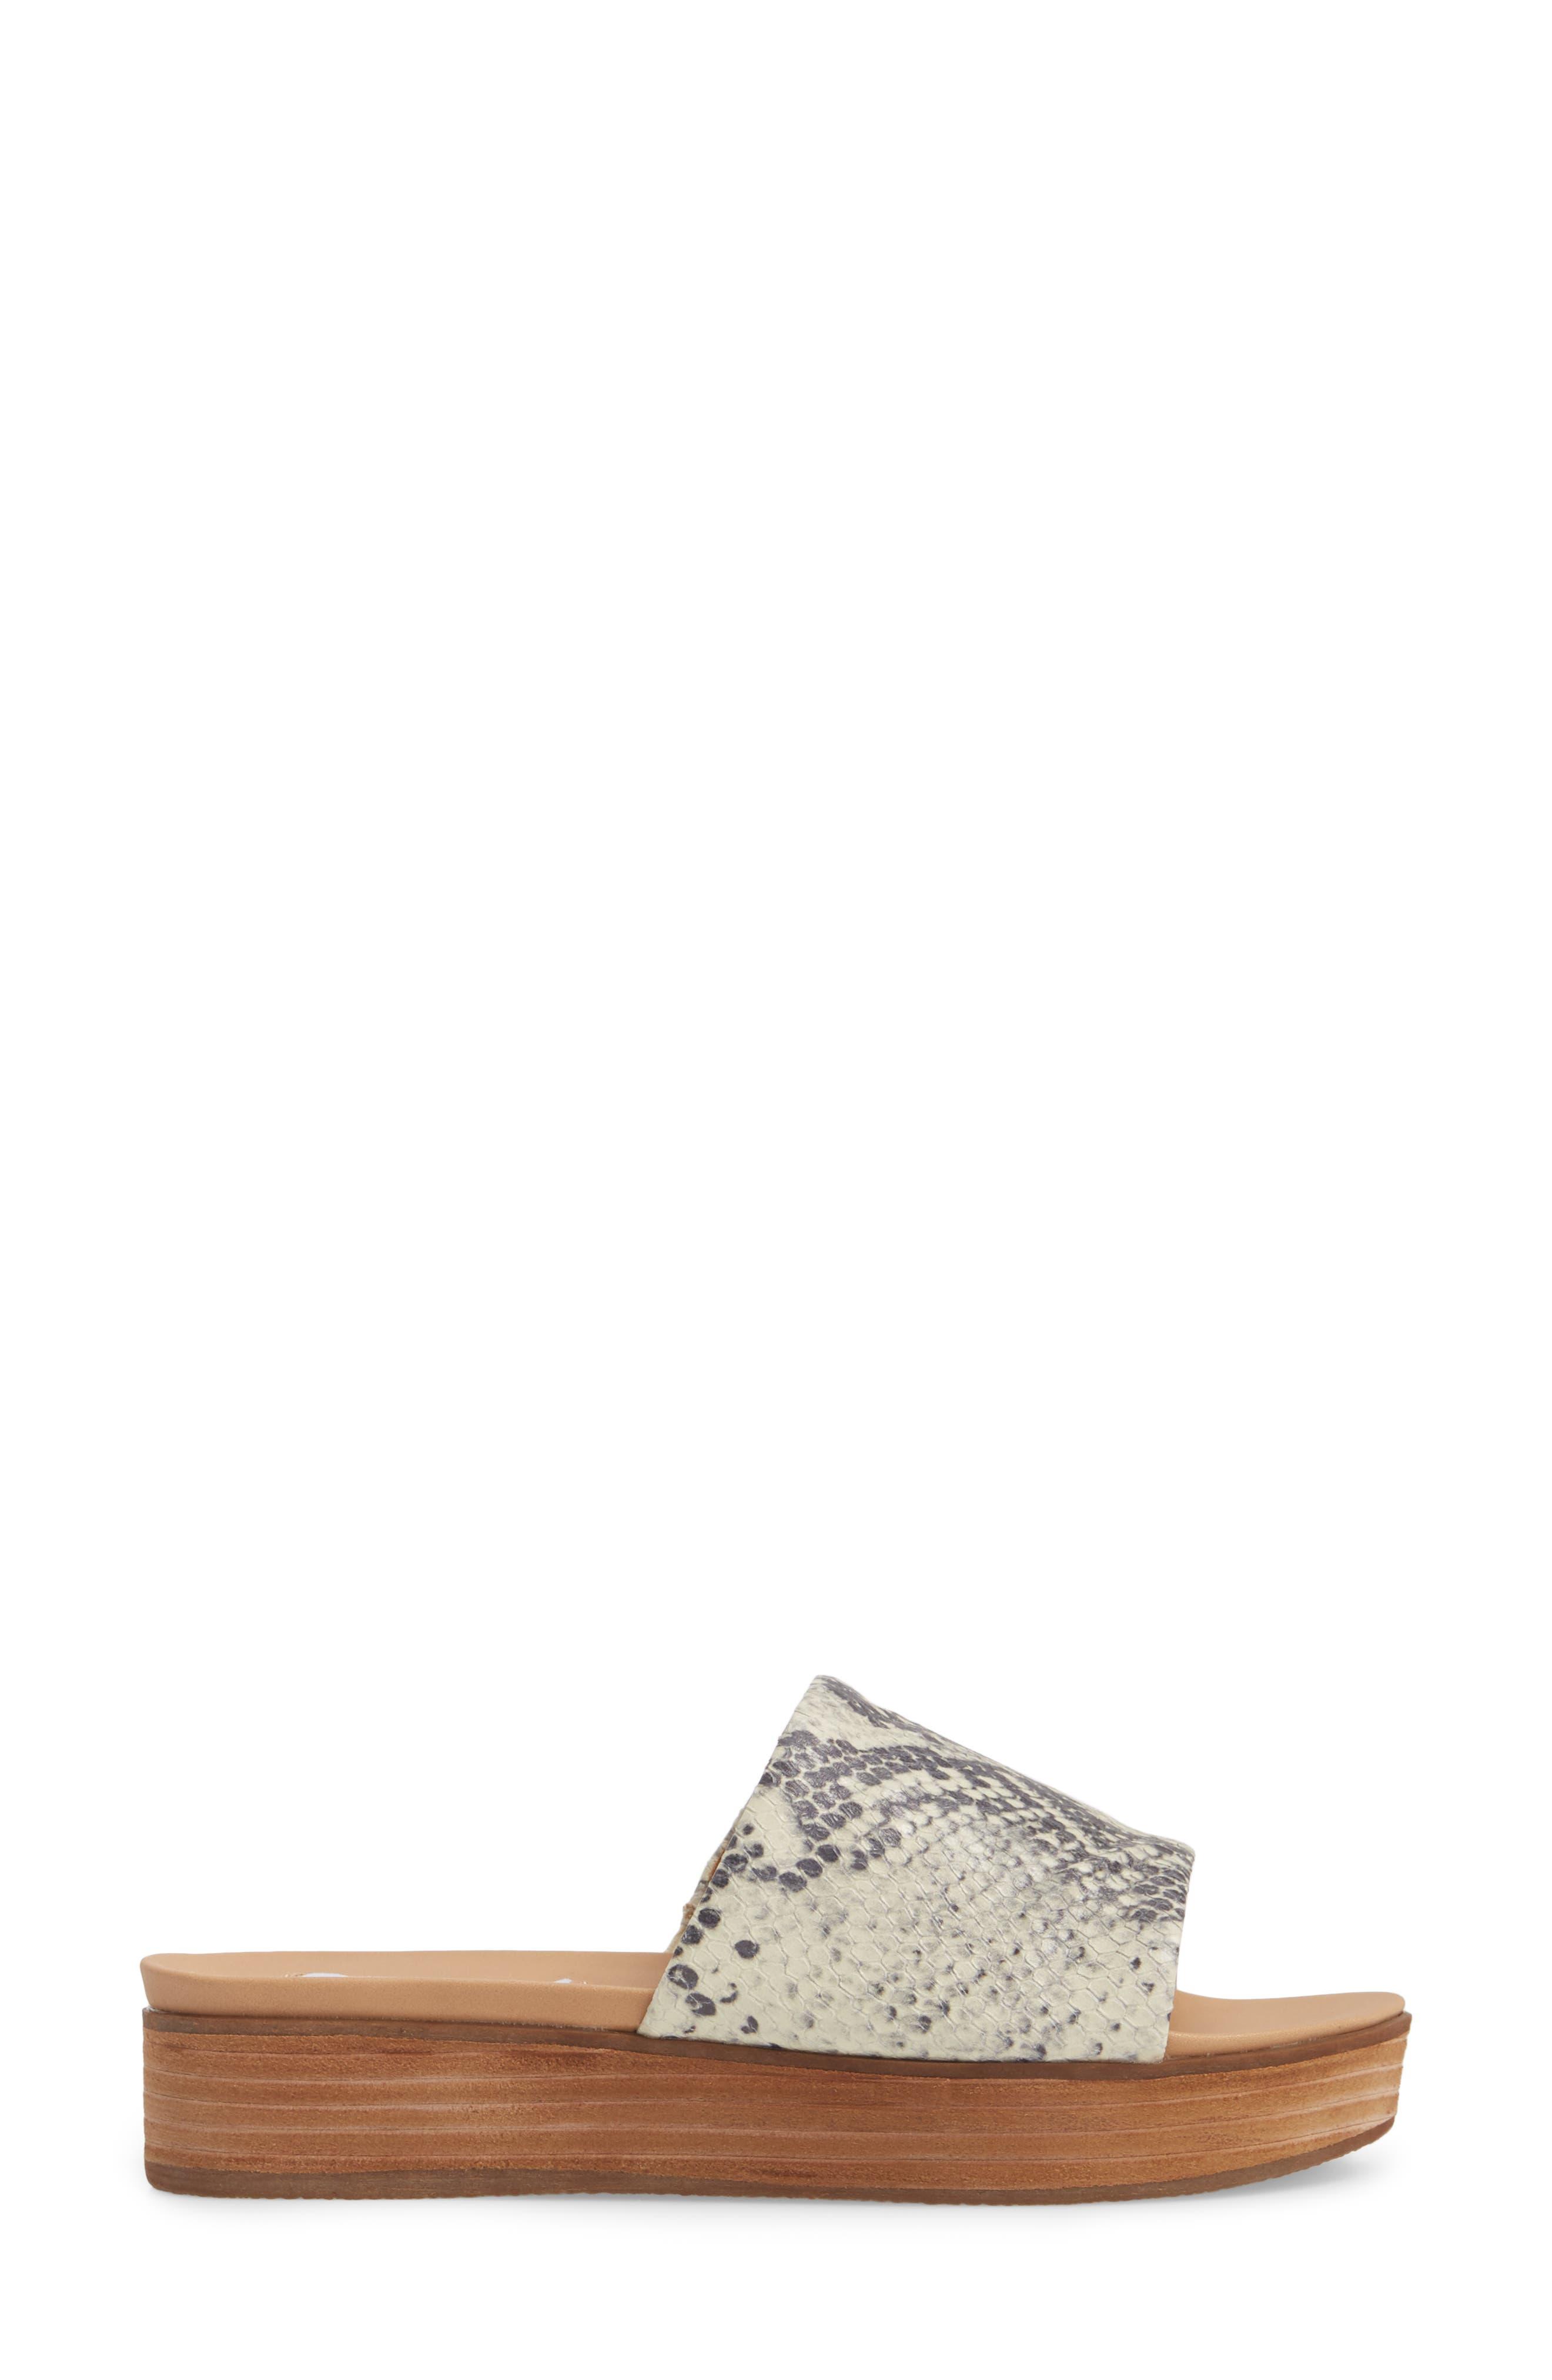 Genca Slide Sandal,                             Alternate thumbnail 9, color,